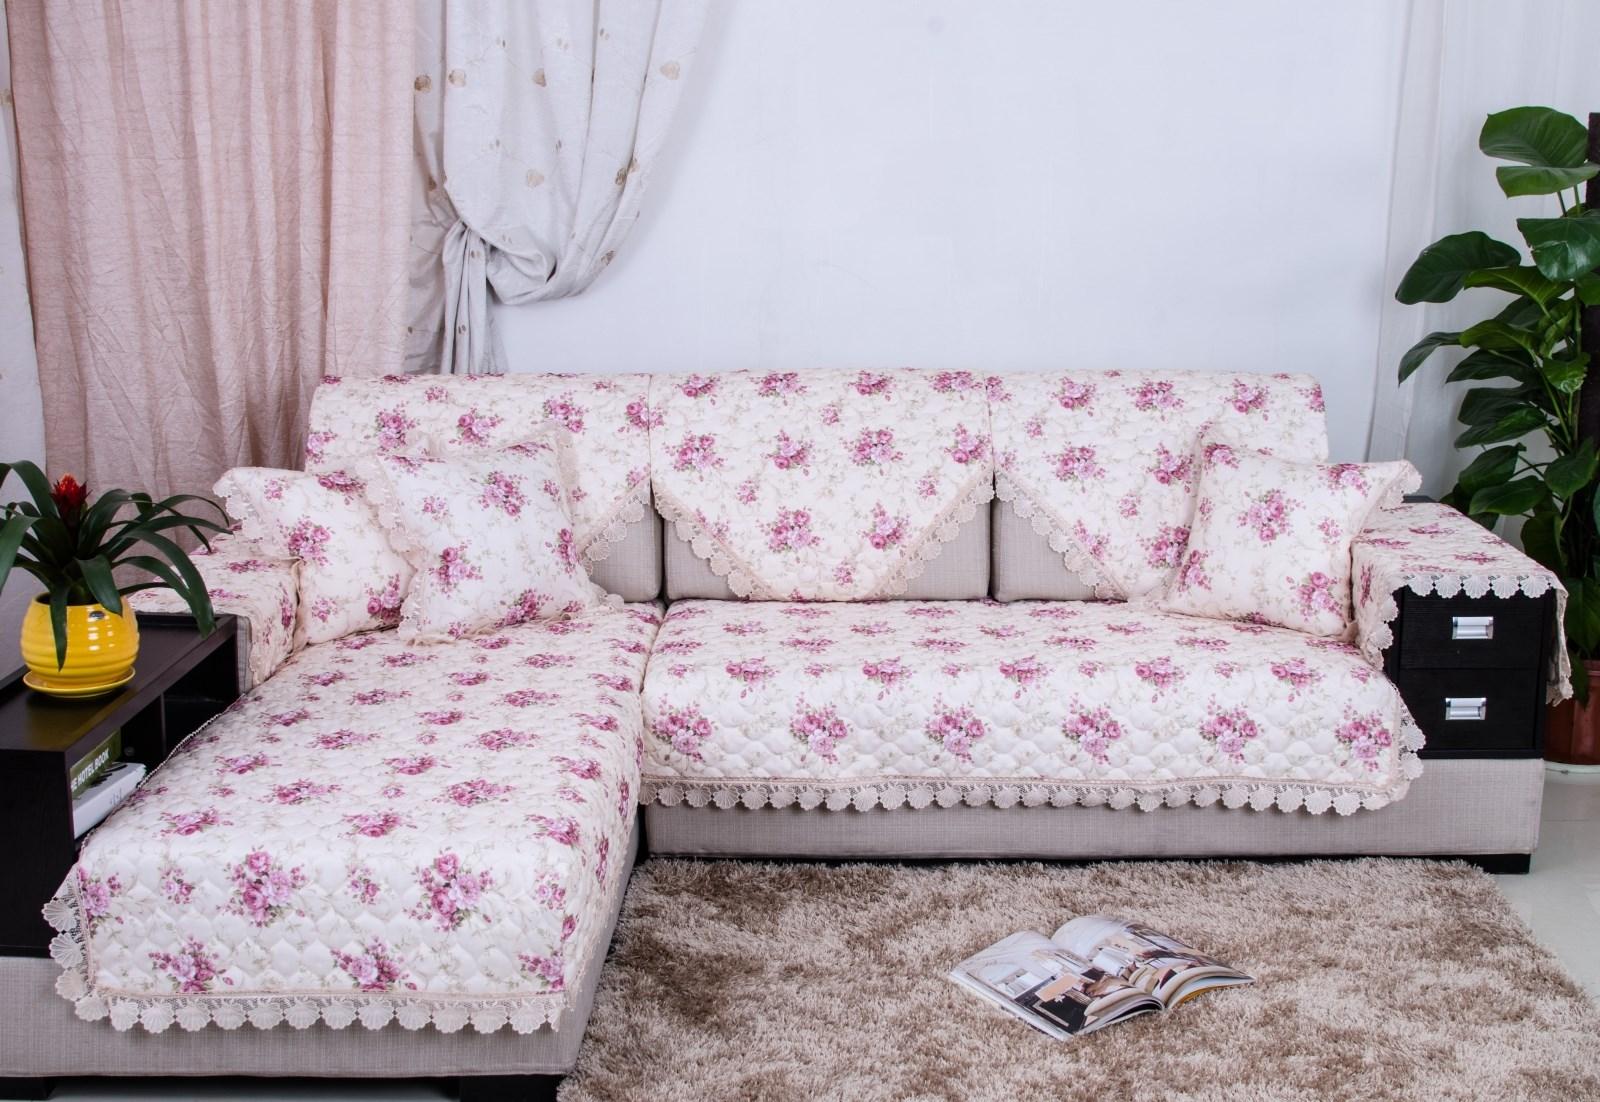 布艺沙发布垫_沙发垫【图片 价格 包邮 视频】_淘宝助理